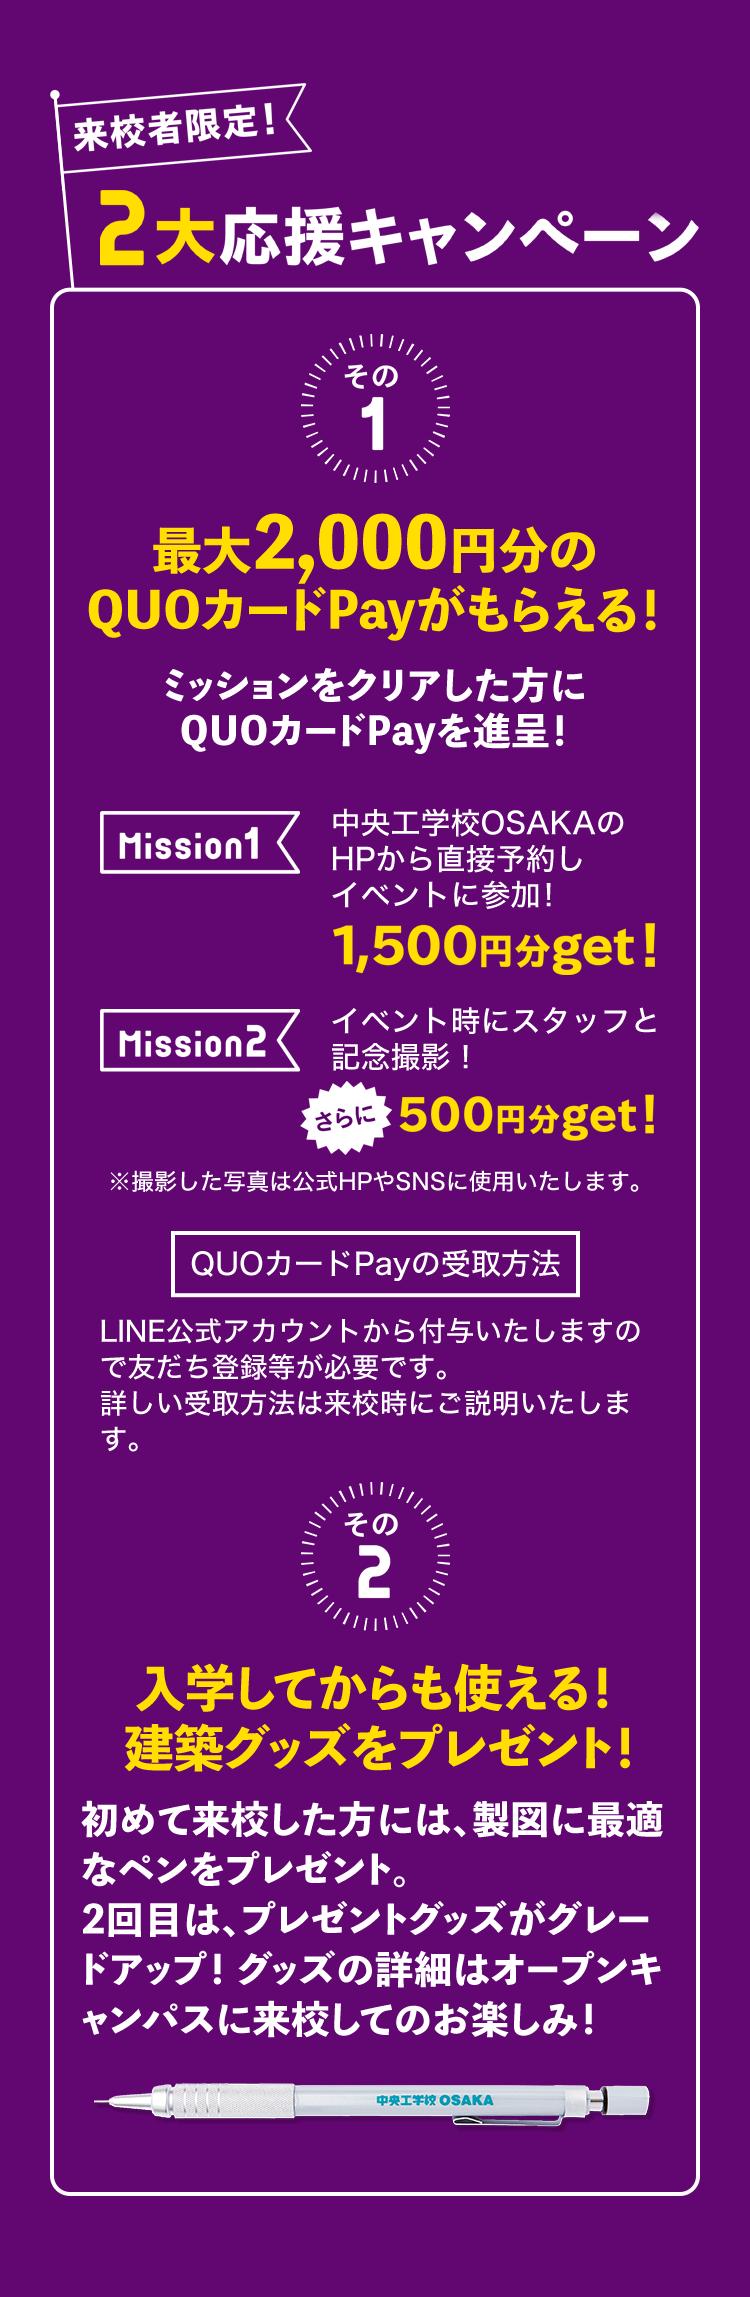 来校者限定!2大応援キャンペーン その1 最大2,000円分のQUOカードPayがもらえる!ミッションをクリアした方にQUOカードPayを進呈!Mission1 中央工学校OSAKAのHPから直接予約しイベントに参加!1,500円分get! Mission2 イベント時にスタッフと記念撮影!さらに500円分get! QUOカードPayの受取方法 LINE公式アカウントから付与いたしますので友だち登録等が必要です。詳しい受取方法は来校時にご説明いたします。その2 入学してからも使える! 建築グッズをプレゼント!初めて来校した方には、製図に最適なペンをプレゼント。2回目は、プレゼントグッズがグレードアップ!グッズの詳細はオープンキャンパスに来校してのお楽しみ!